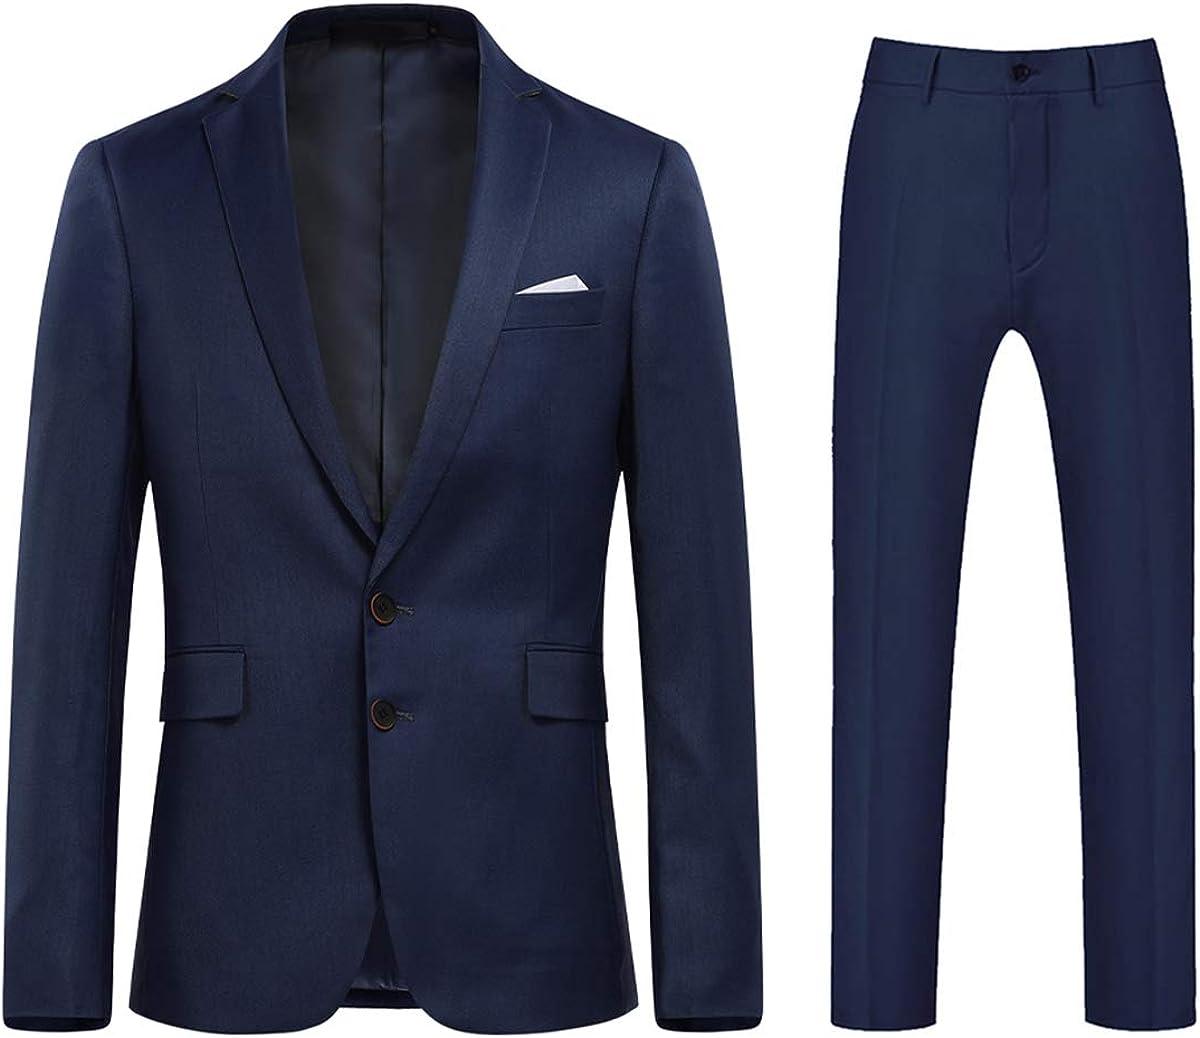 Mens Formal Suit Set 2 Piece Slim Fit Wedding Party Tux Dress Notched Lapel Suits